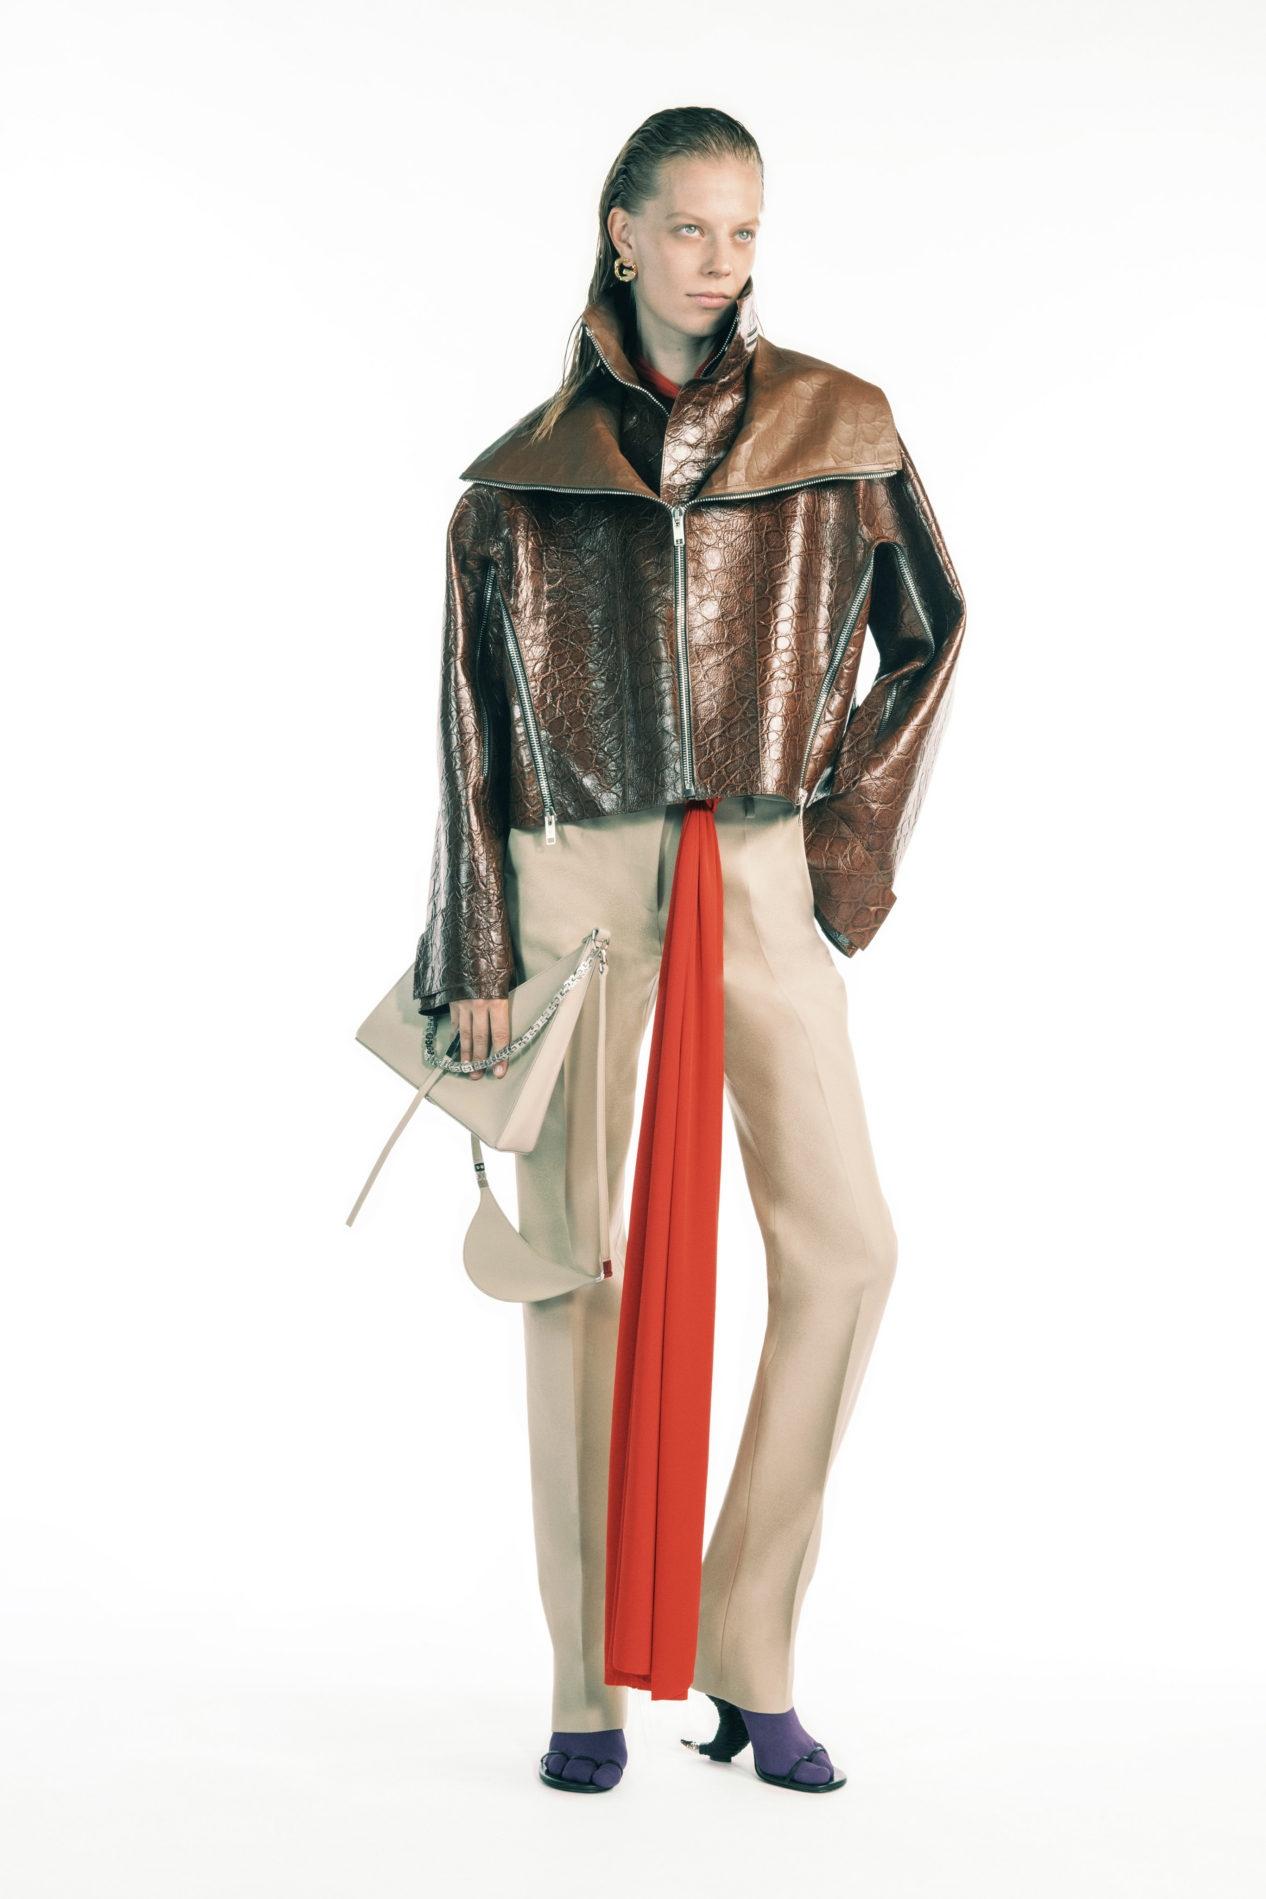 Дебют Мэтью Уильямса и пример безупречного стиля. Почему все обсуждают новую коллекцию Givenchy (ФОТО) - фото №4